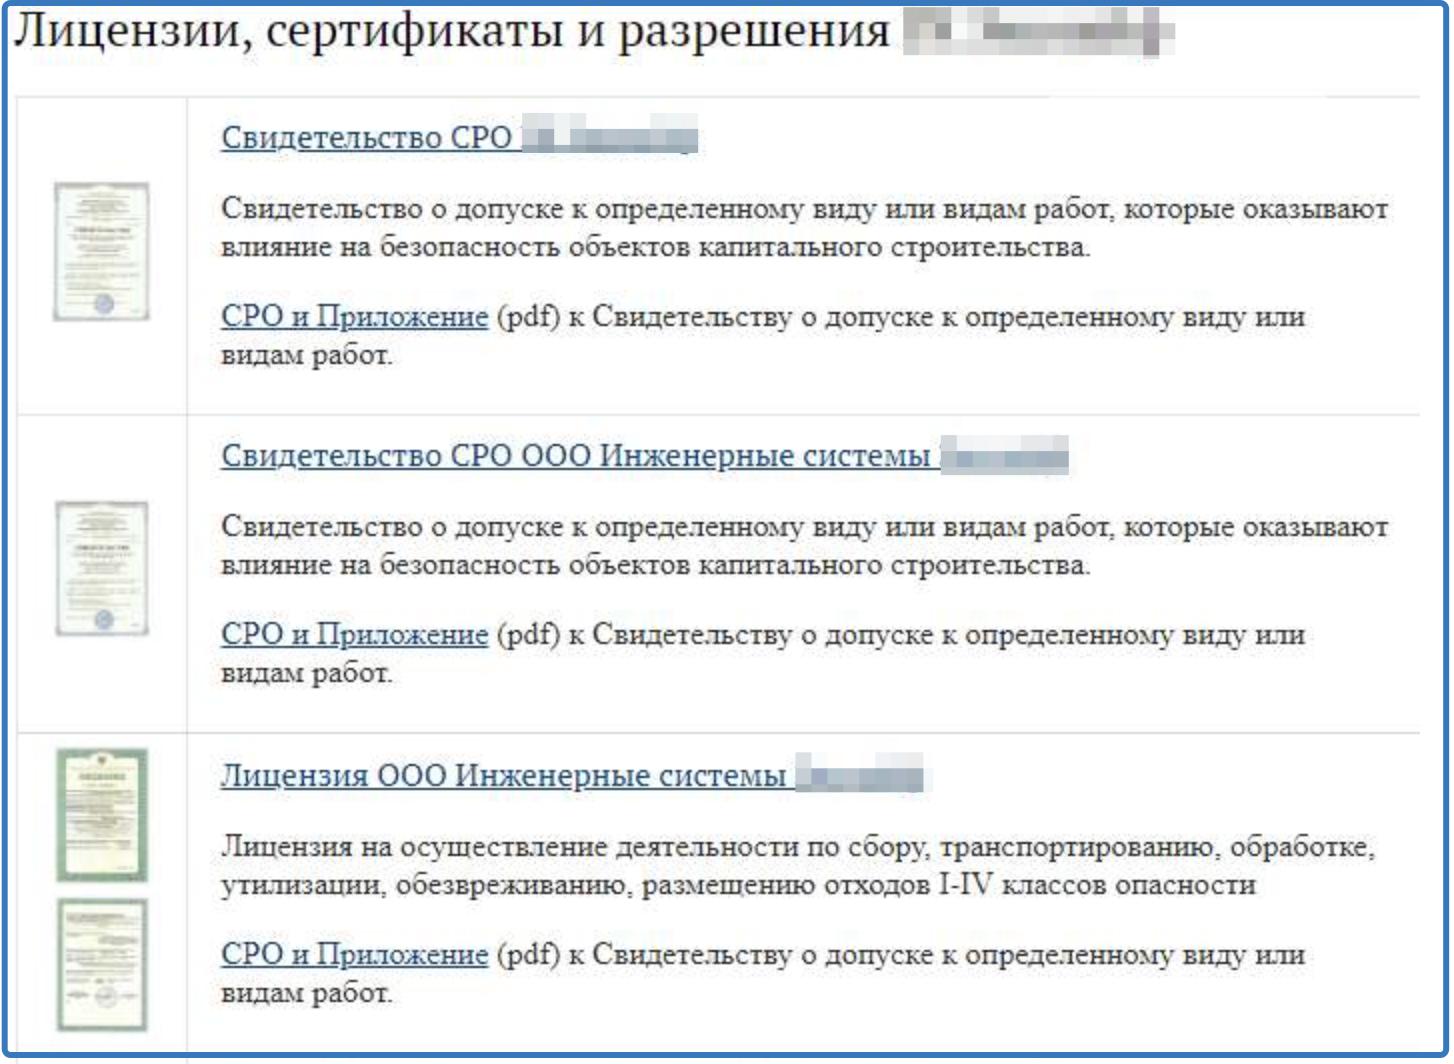 Коммерческие факторы в SEO интернет-магазина и сайта услуг - 16